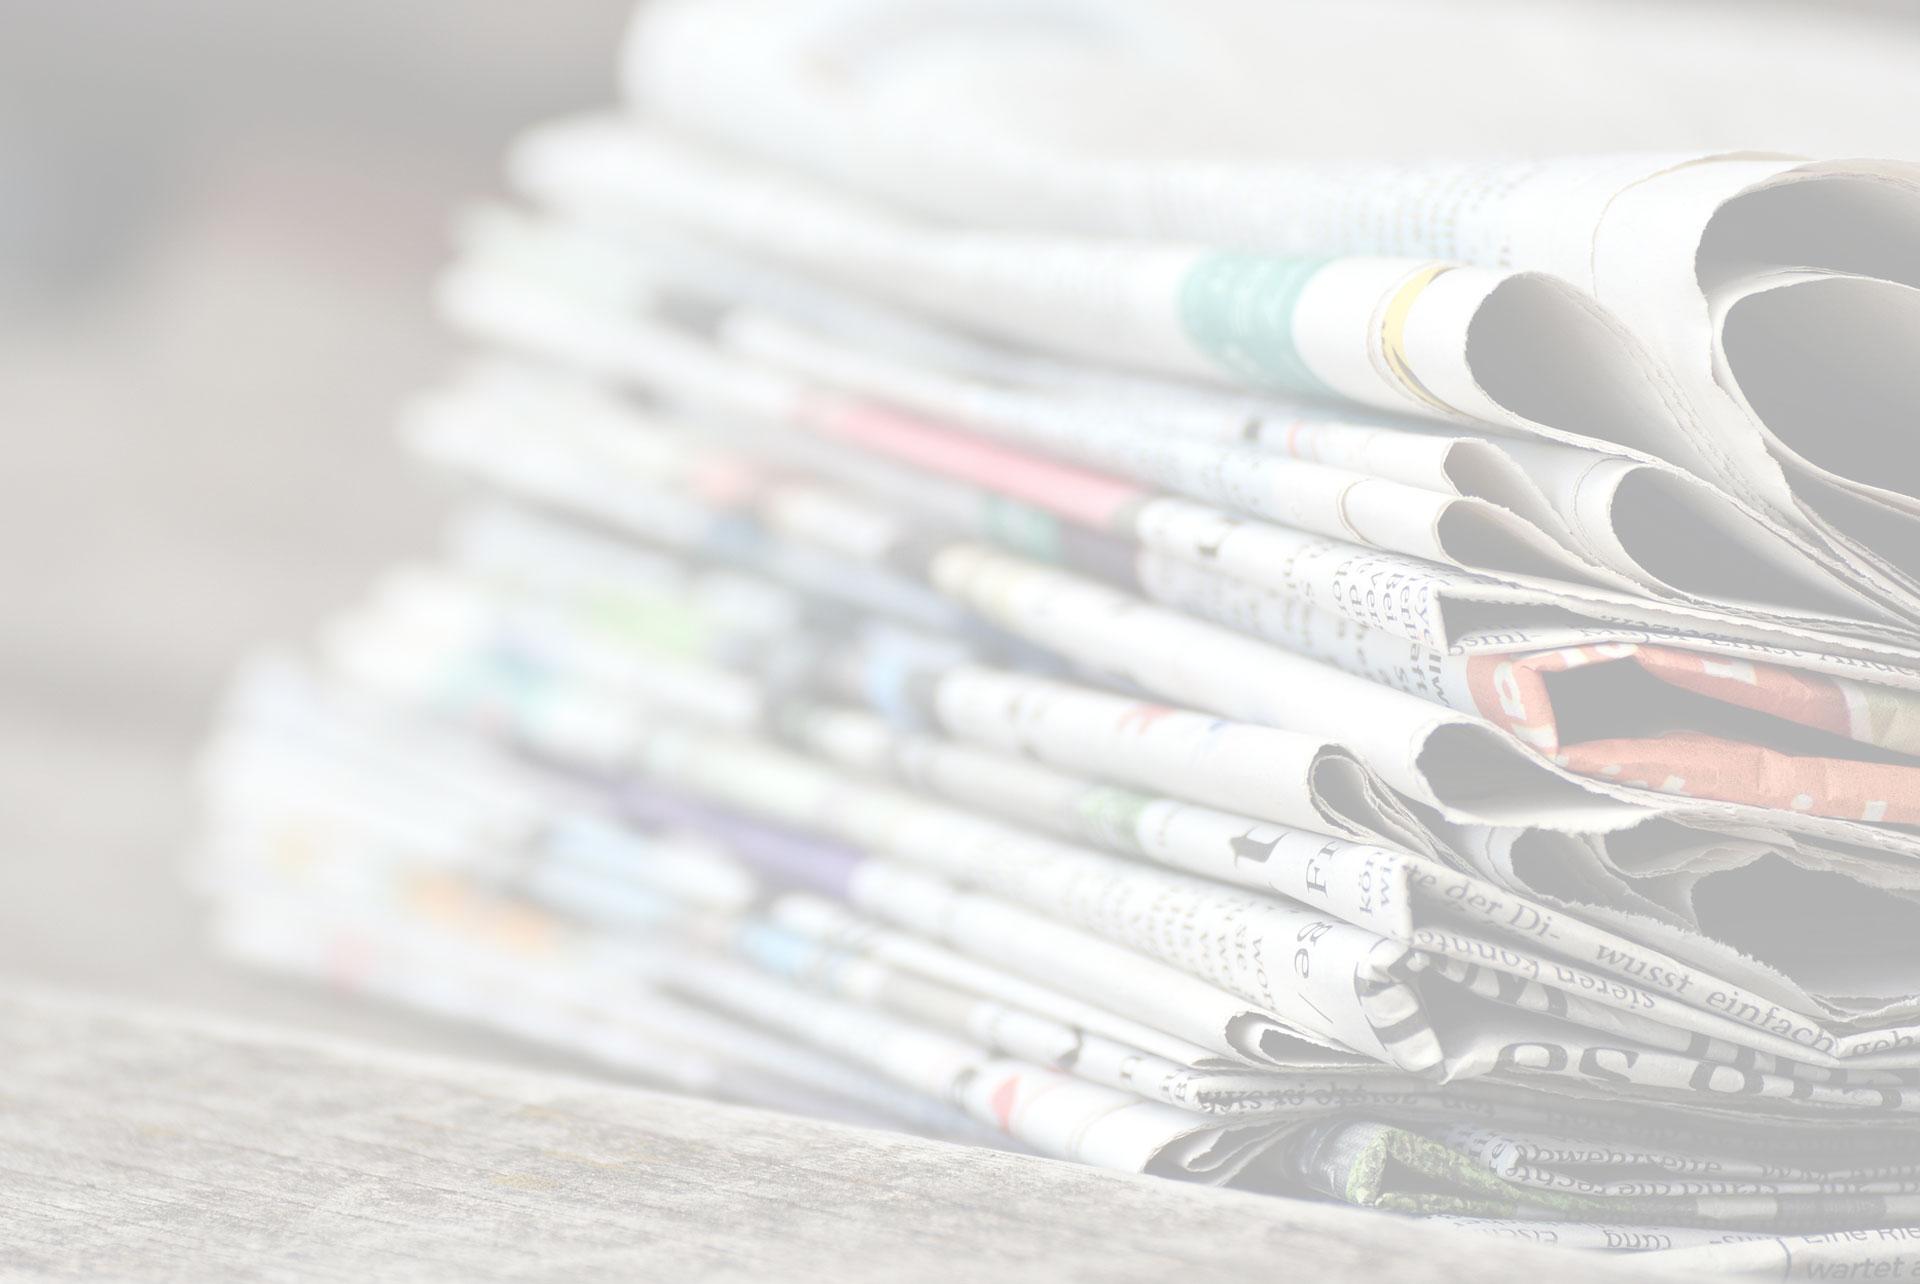 Quanto tempo ci vuole per ricevere una carta di credito